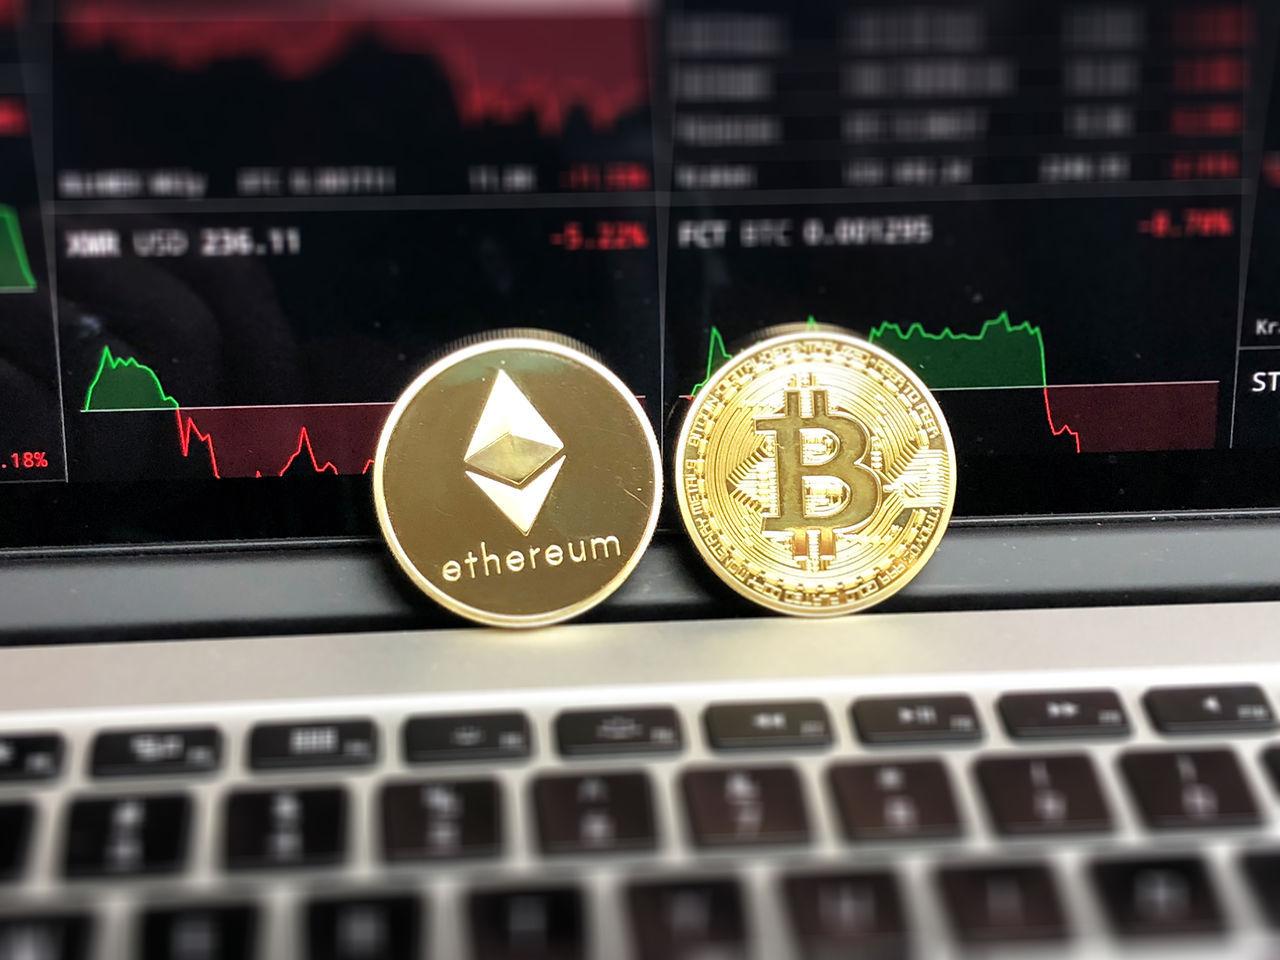 Uppsala-bo måste betala 10 miljoner för Bitcoin-handel